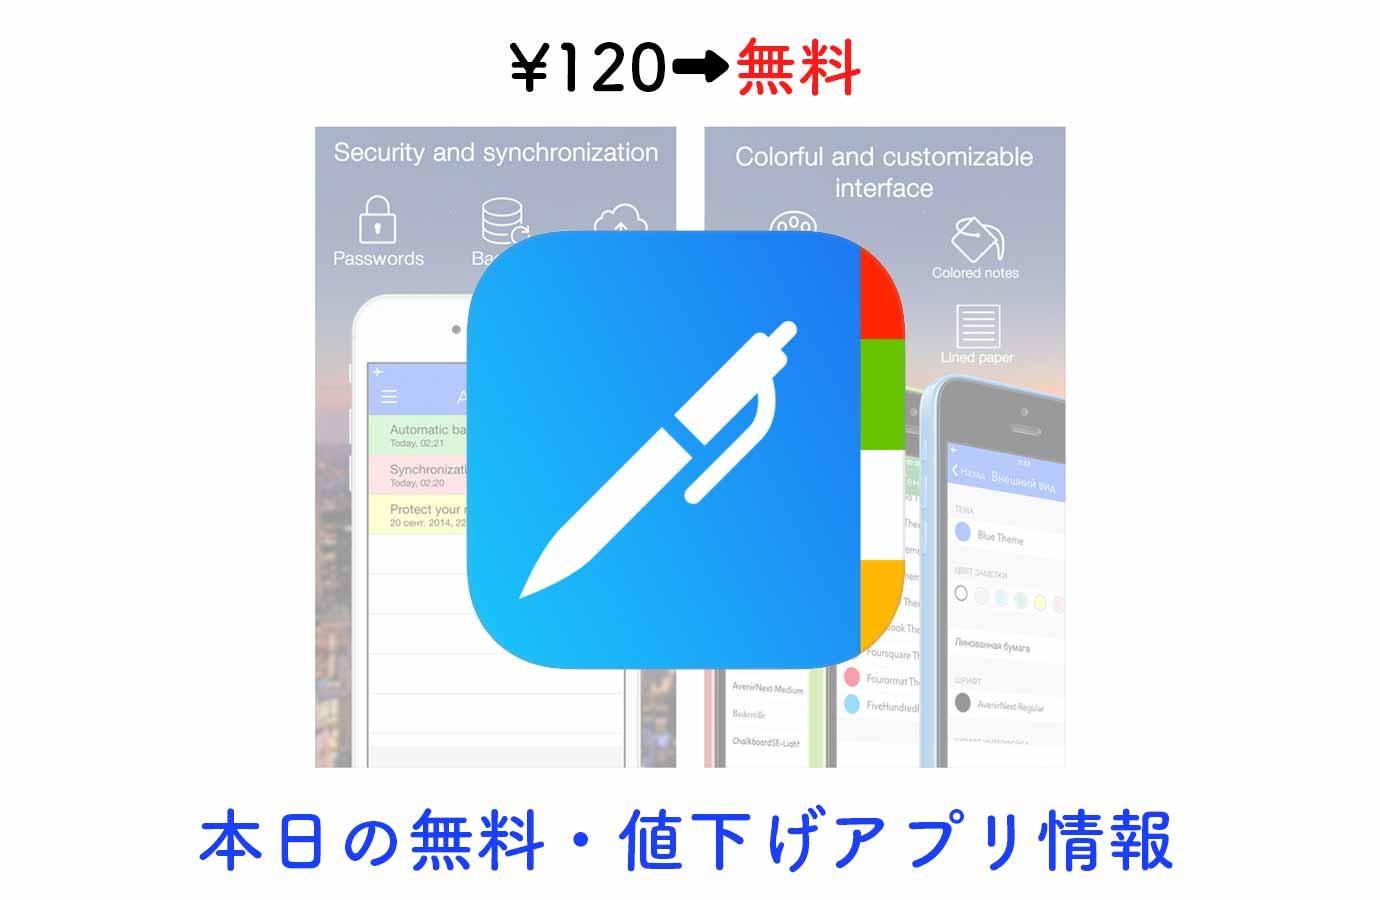 ¥120→無料、カラフルでわかりやすい多機能ノートアプリ「Note-Ify Notes」など【9/25】本日の無料・値下げアプリ情報